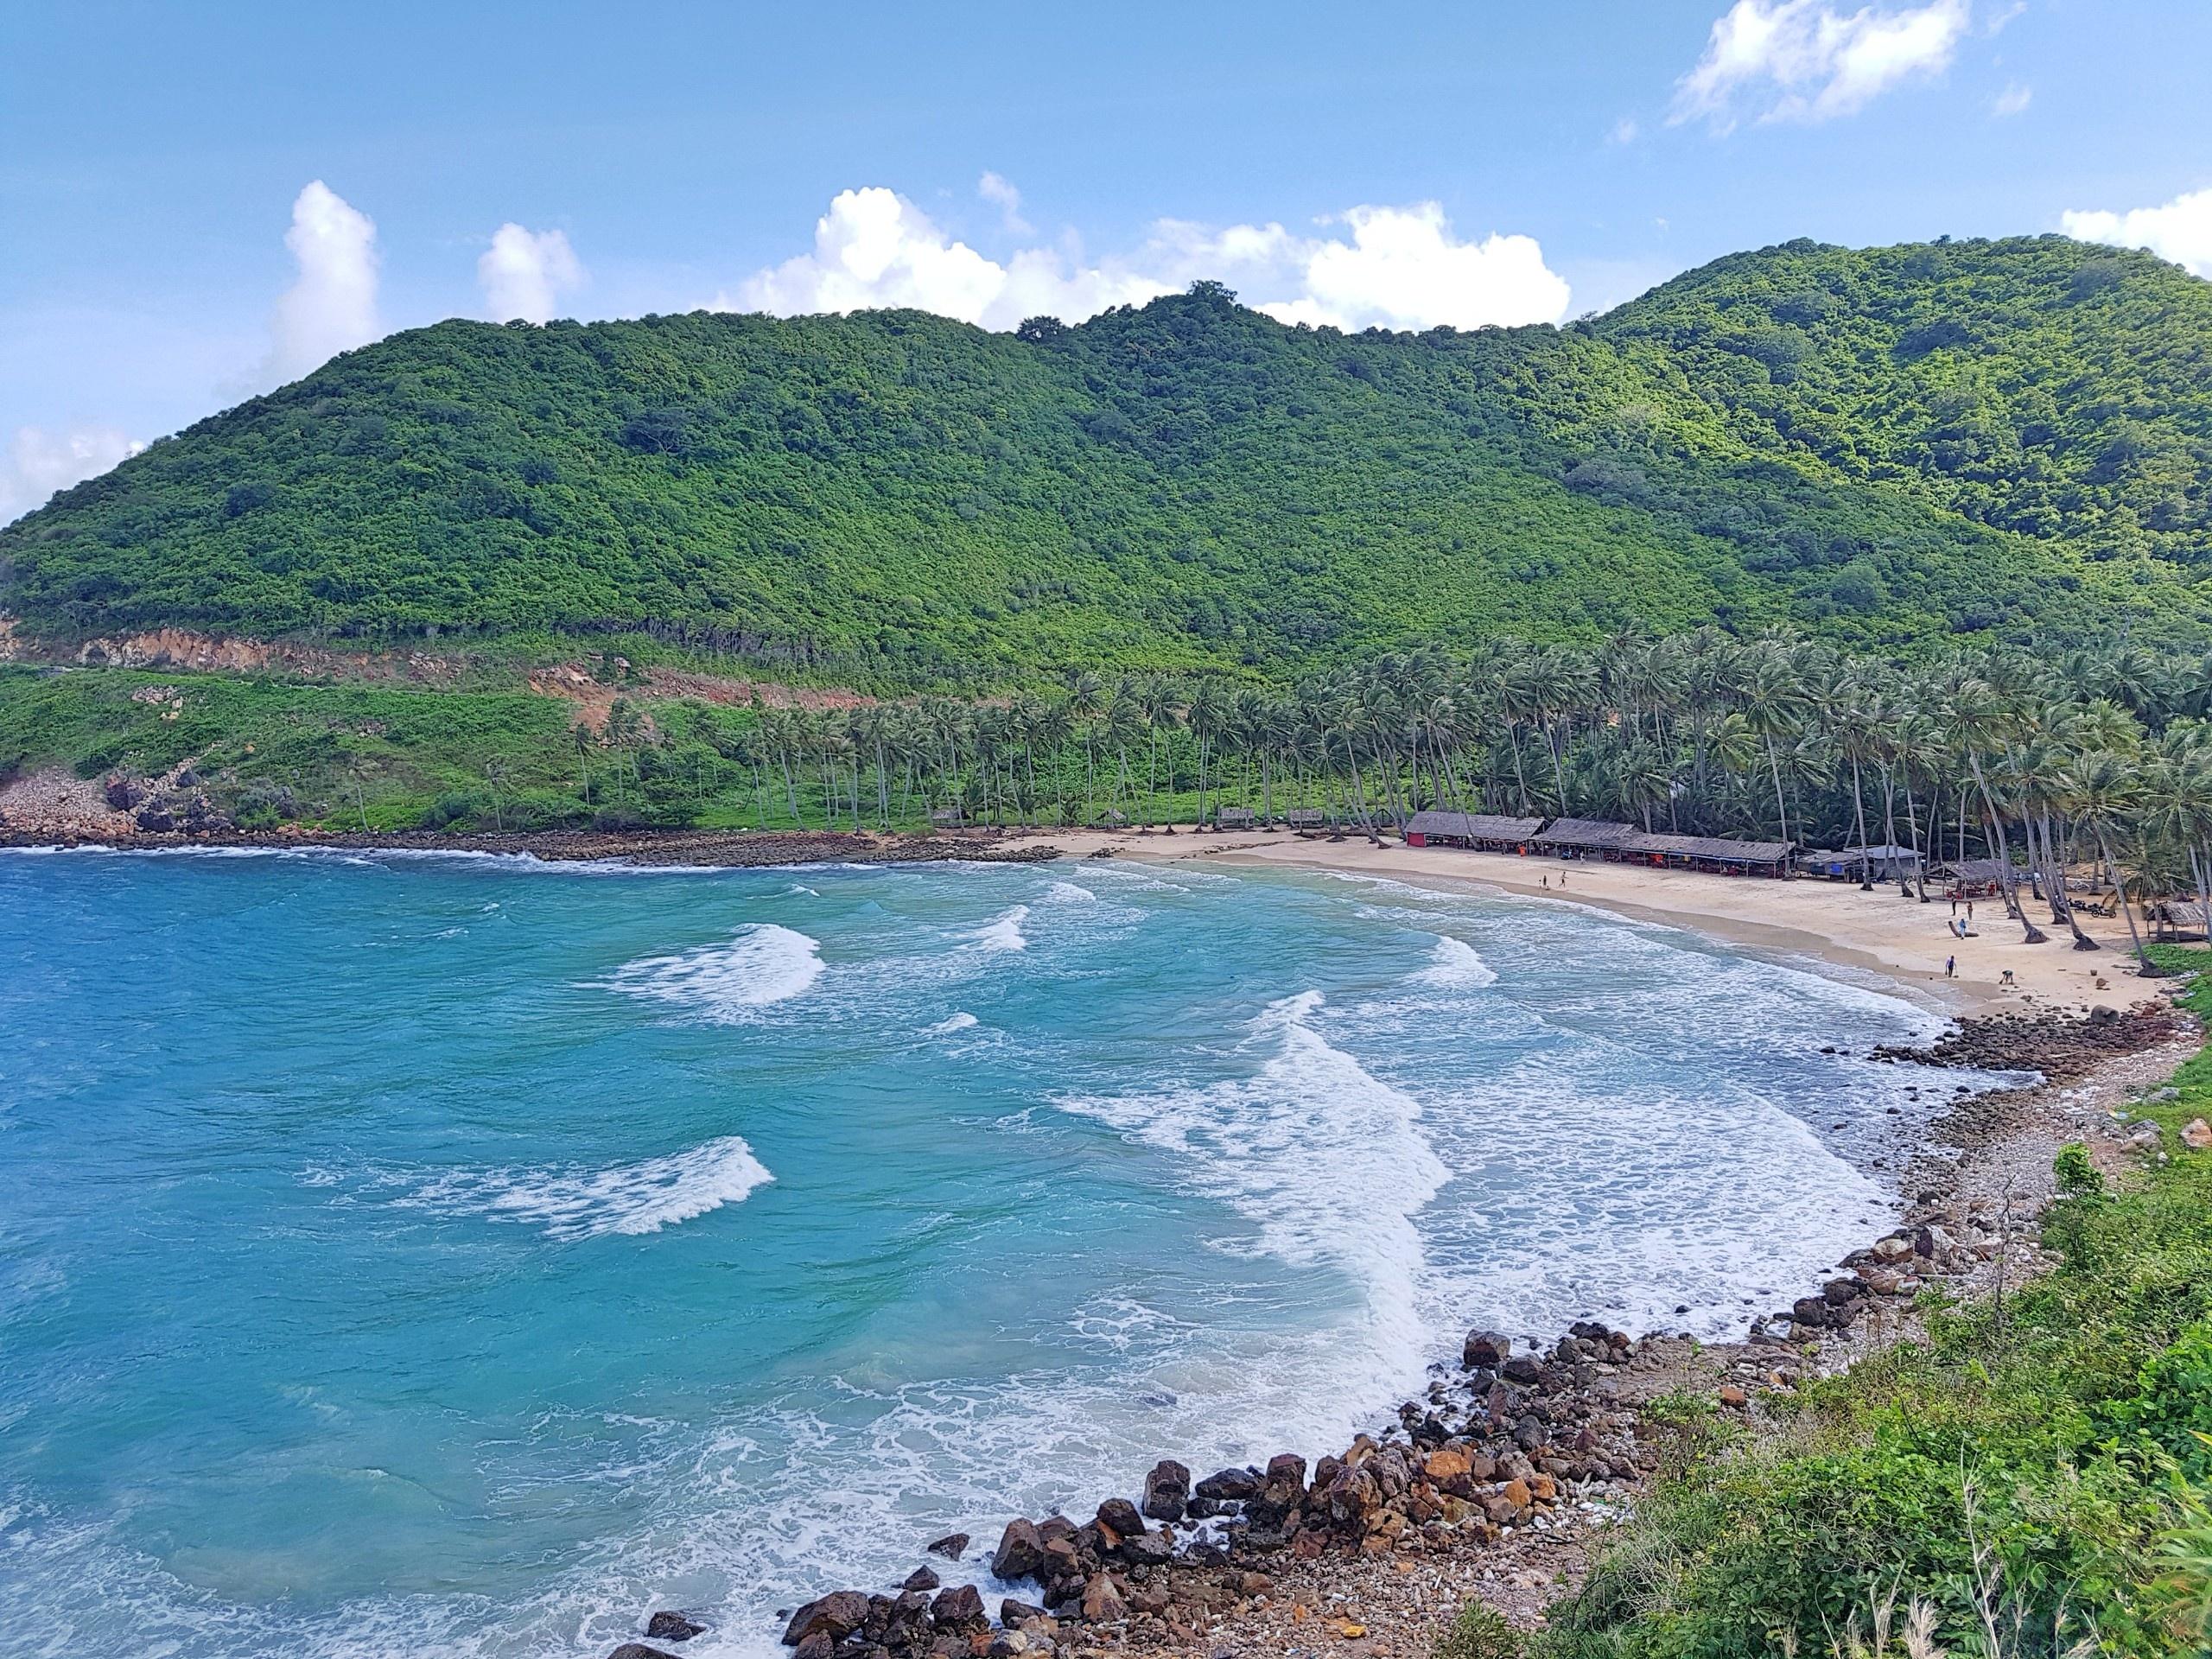 Có một \u0027thiên đường\u0027 đẹp như thế ở quần đảo Nam Du!